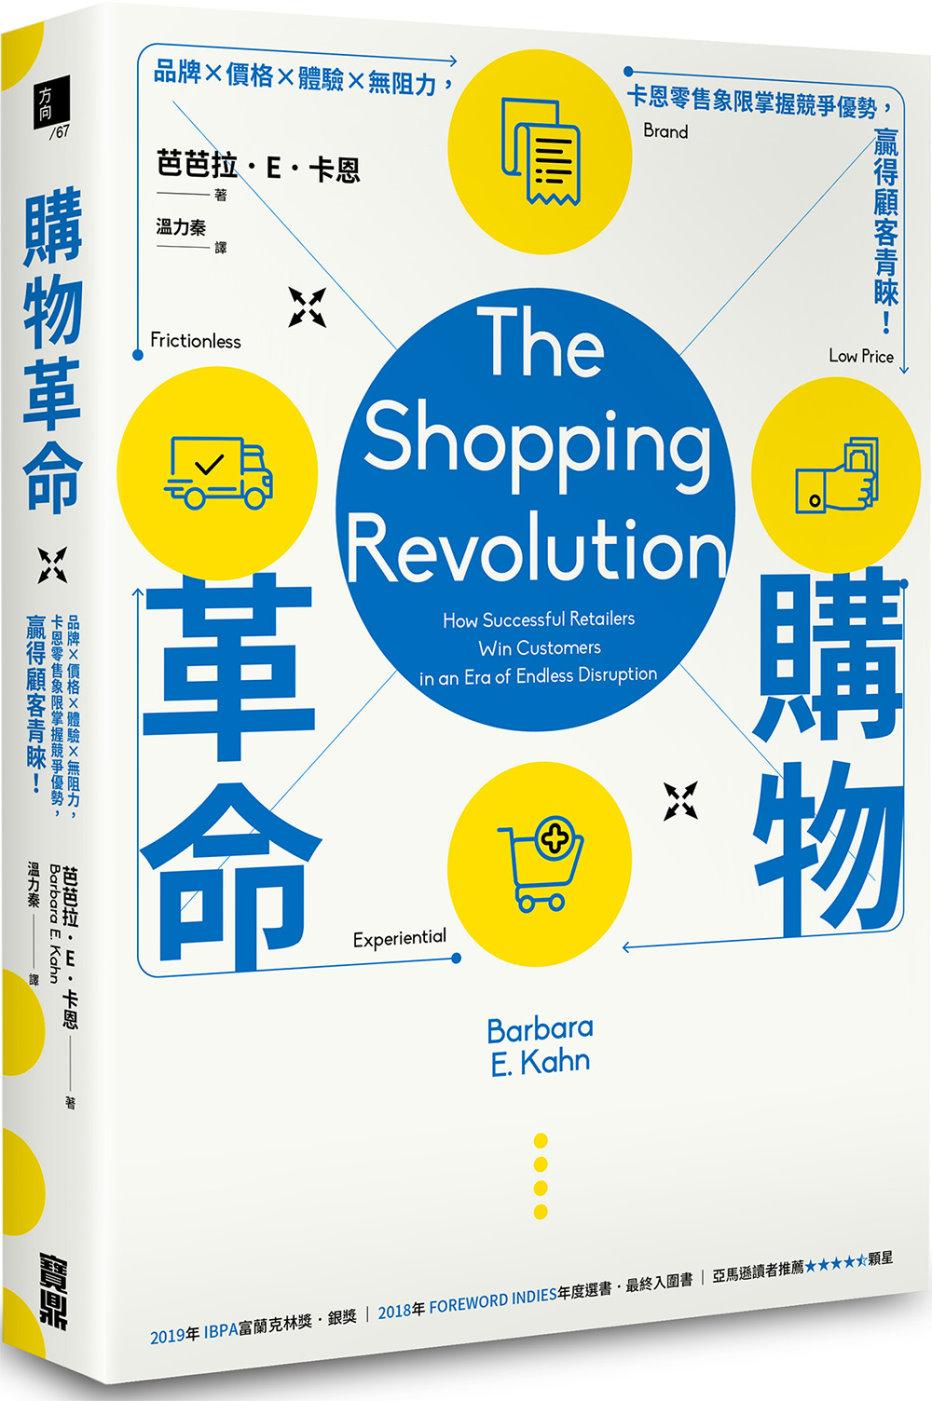 購物革命:品牌×價格×體驗×無...